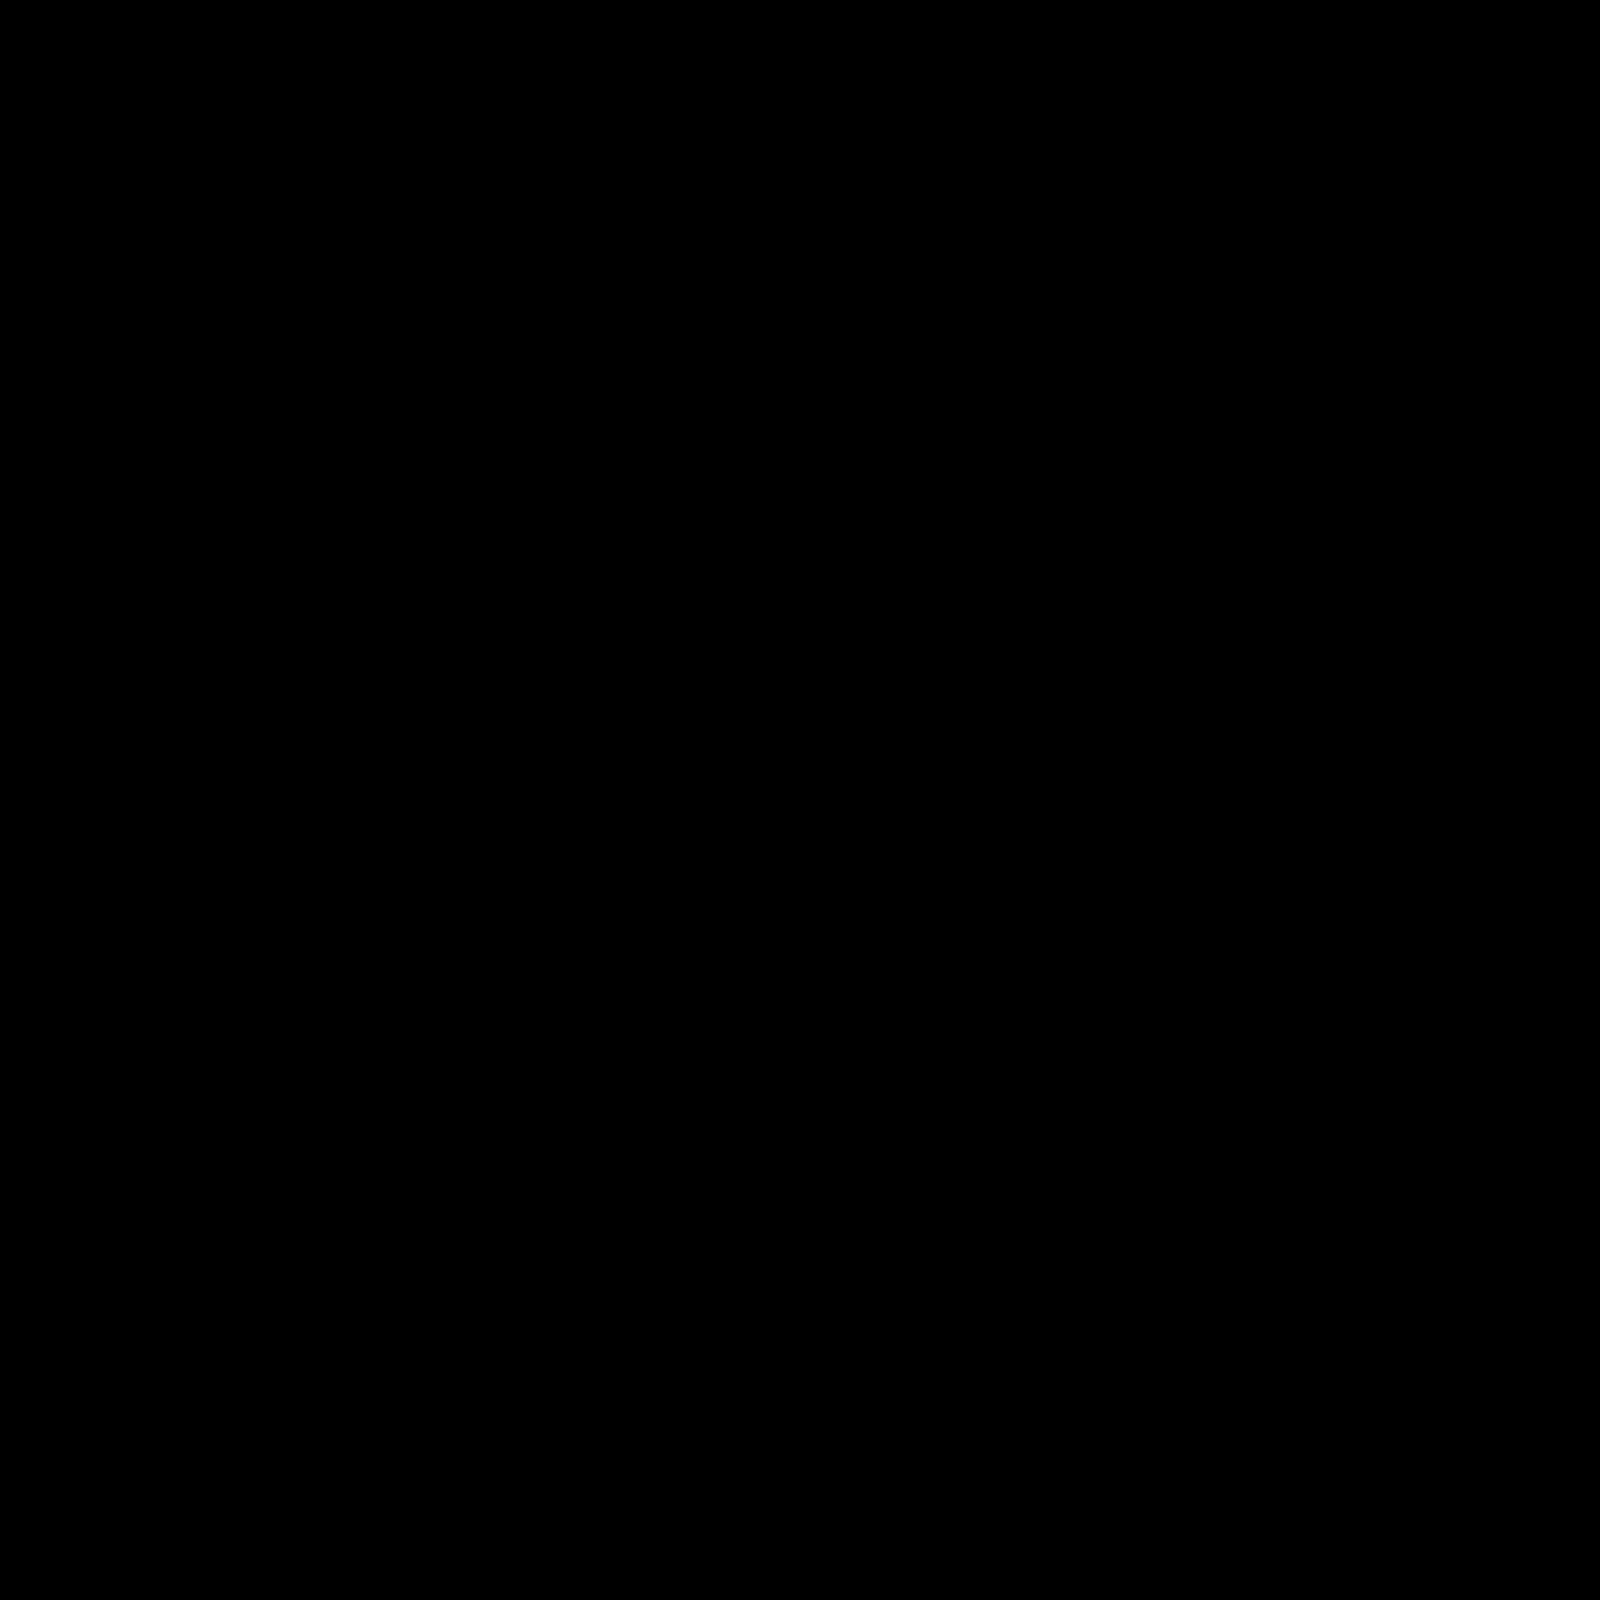 Nożyce ręczne icon